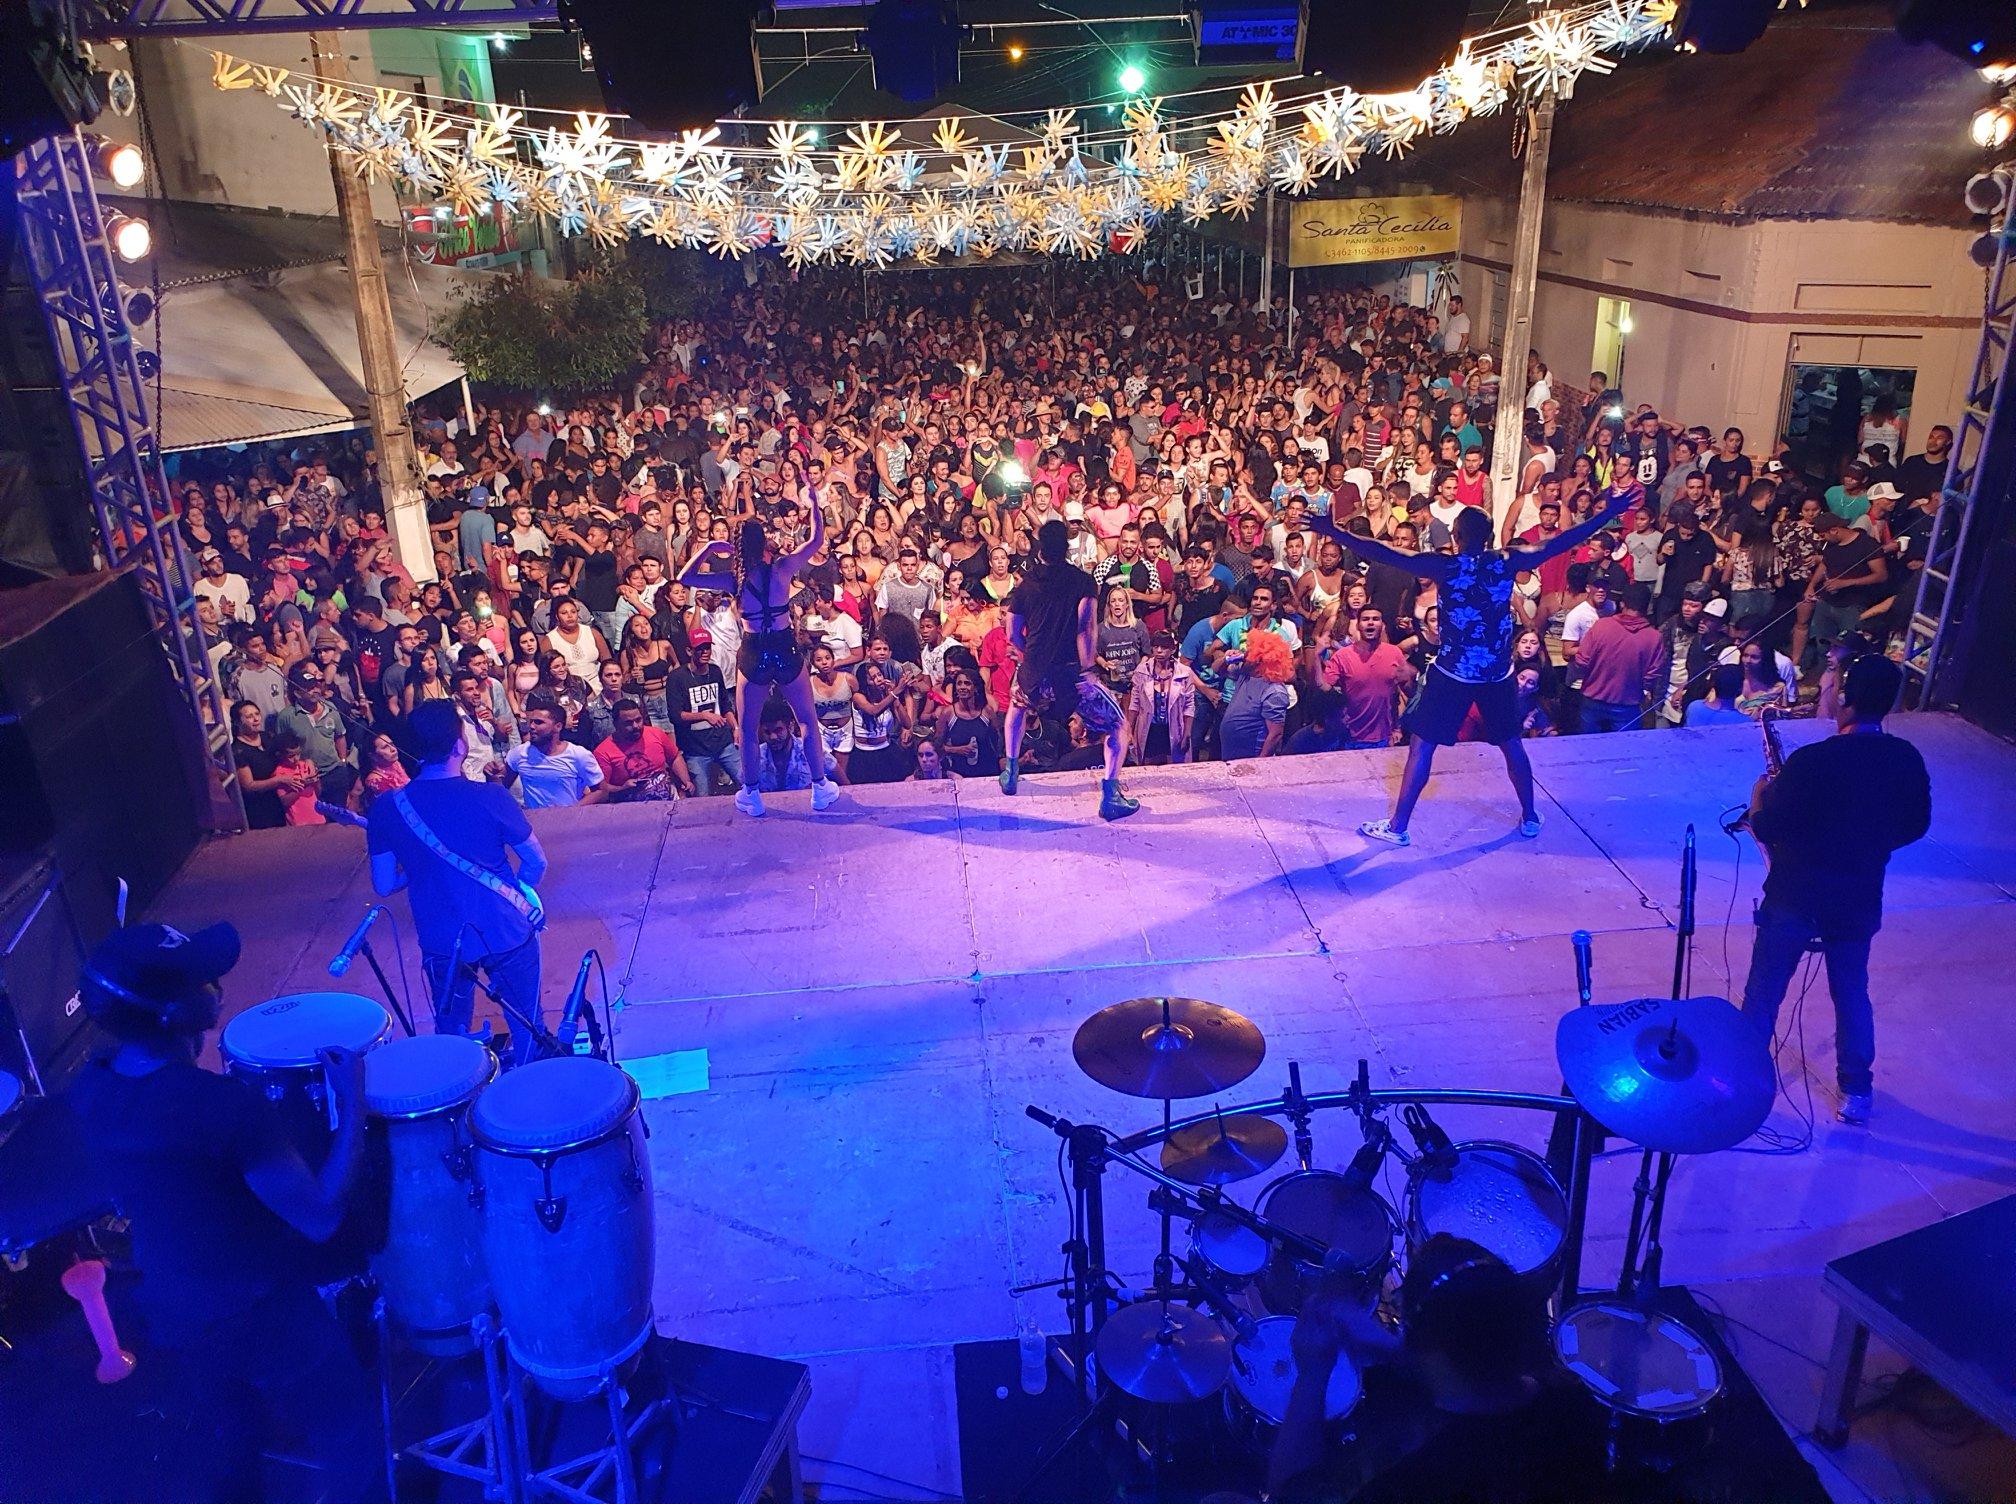 CARNAVAL DE GOIANDIRA: SHOWS, DJ E SOM AUTOMOTIVO FARÃO A ALEGRIA DOS FOLIÕES EM MAIS UMA EDIÇÃO DO CARNAVAL DE RUA